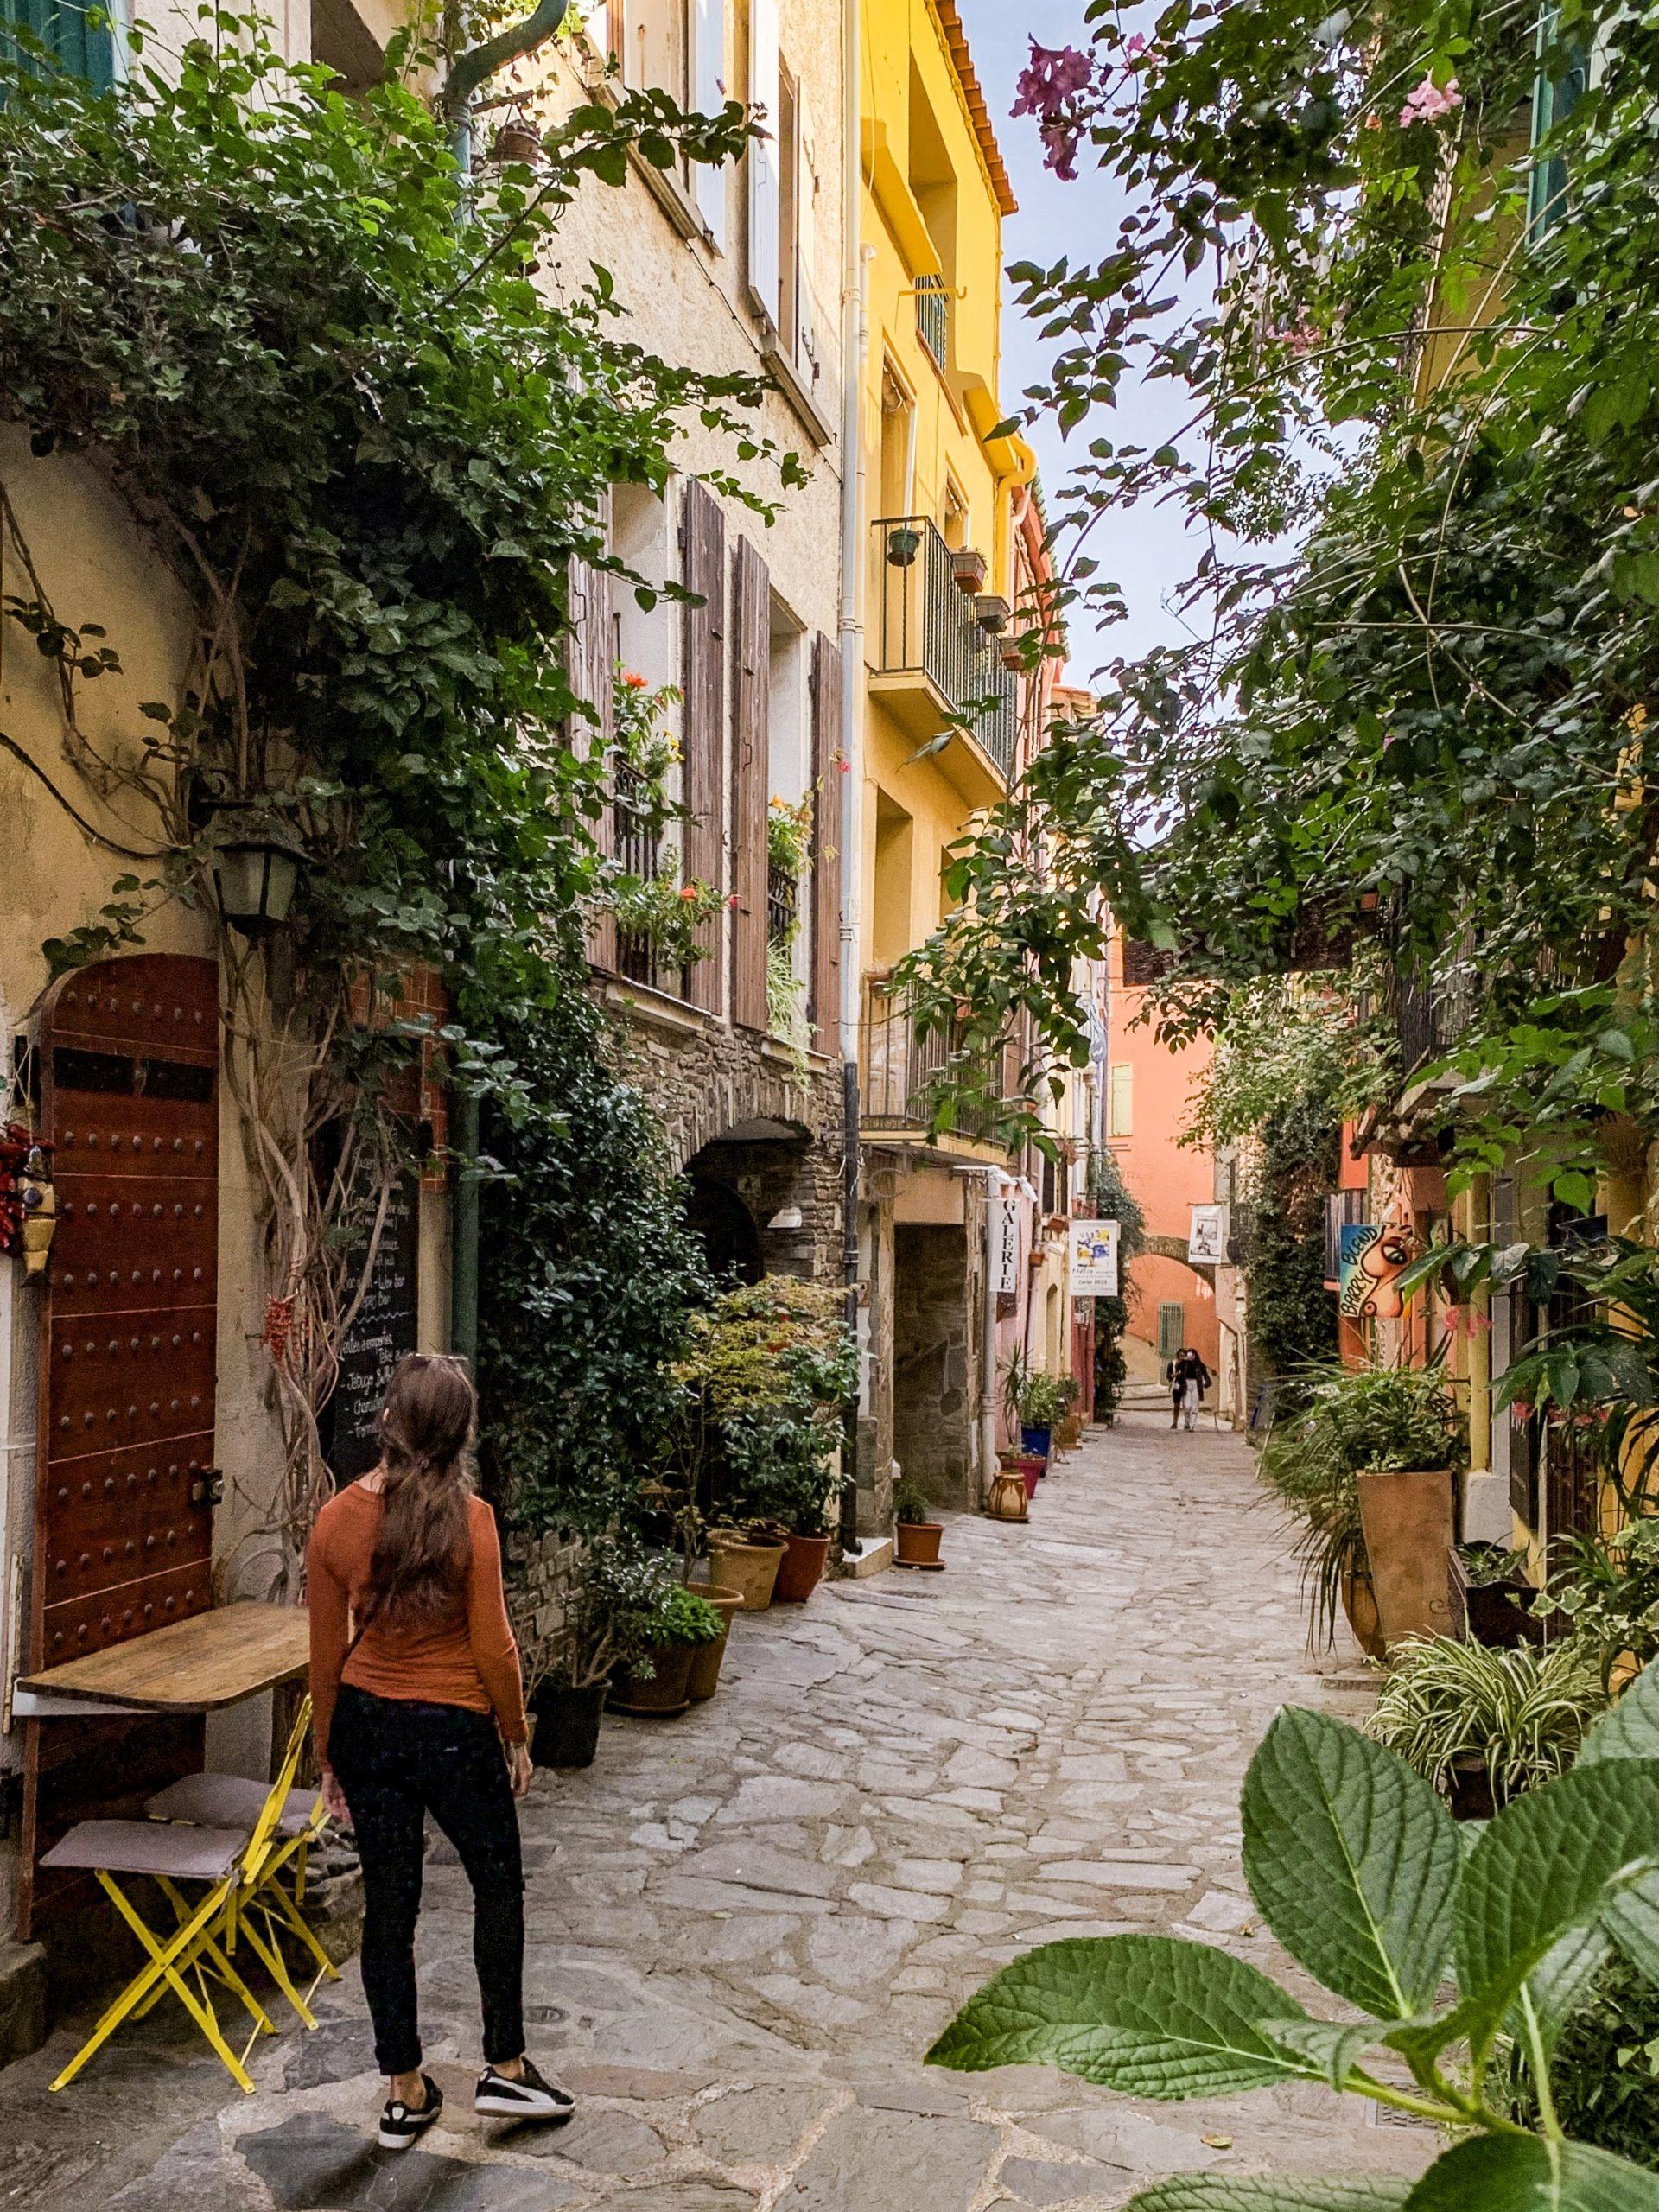 La ruelle des galeries d'art à Collioure